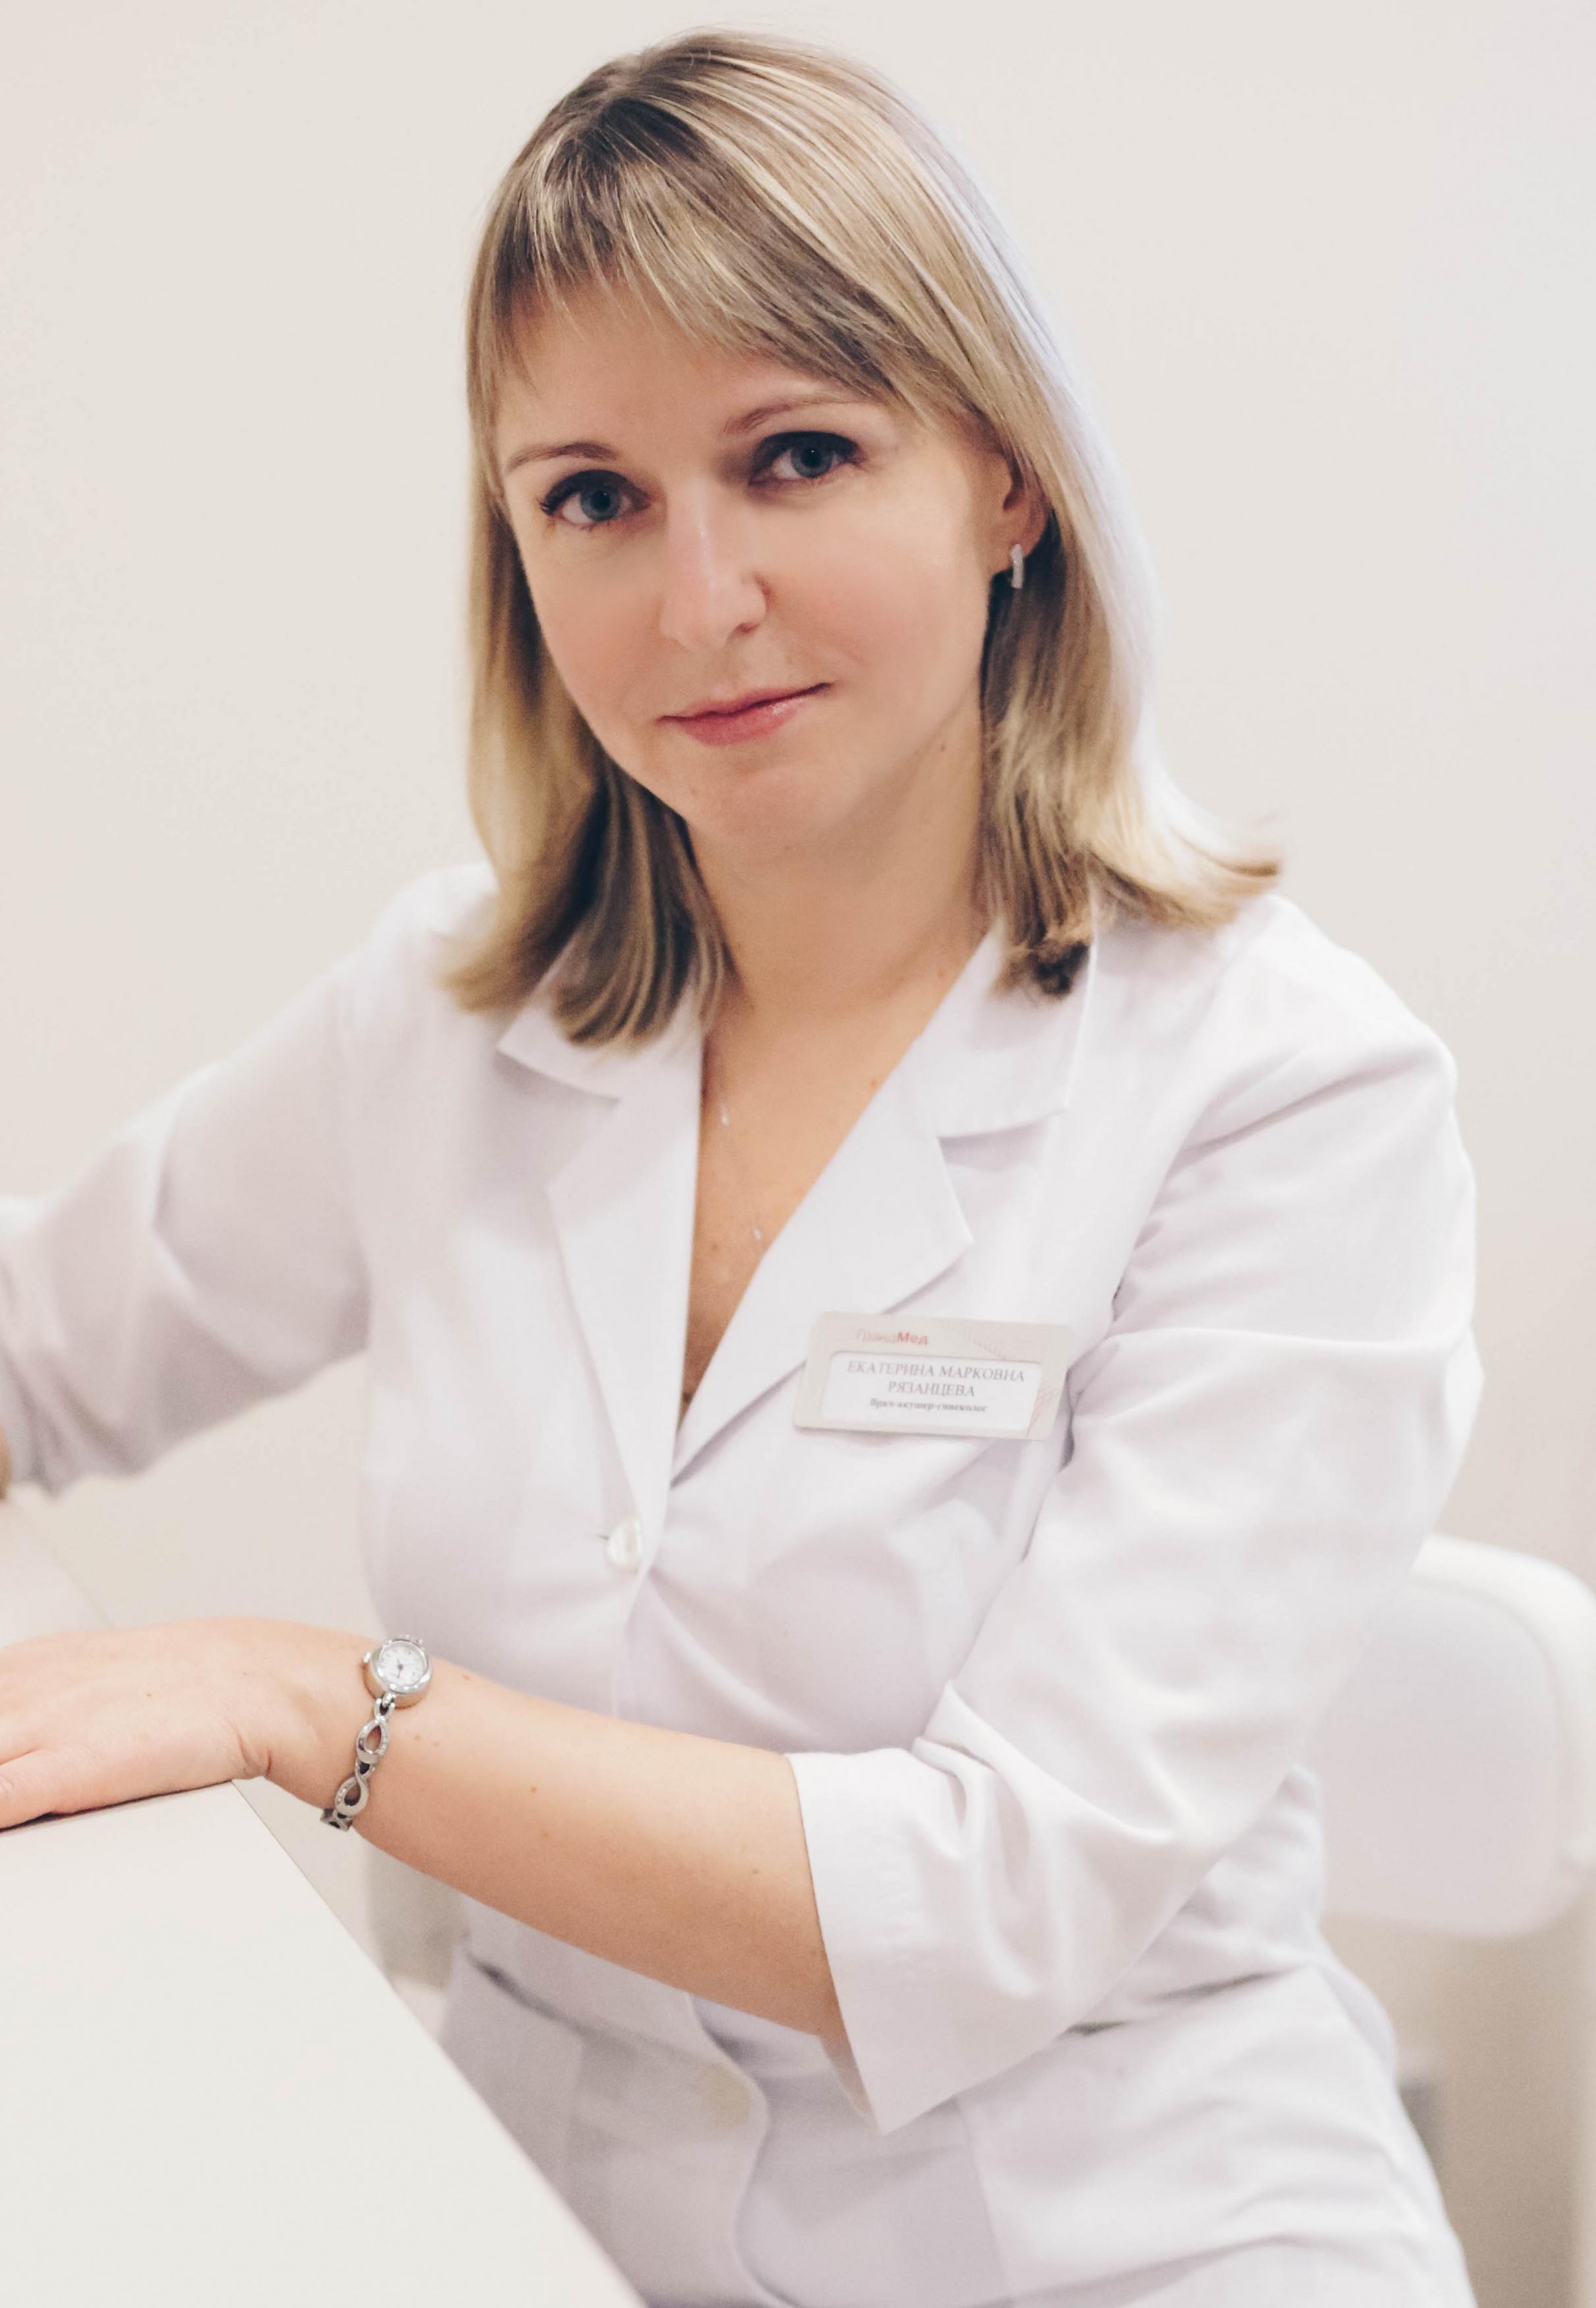 Уменьшение влагалища популярная процедура у женщин после родов